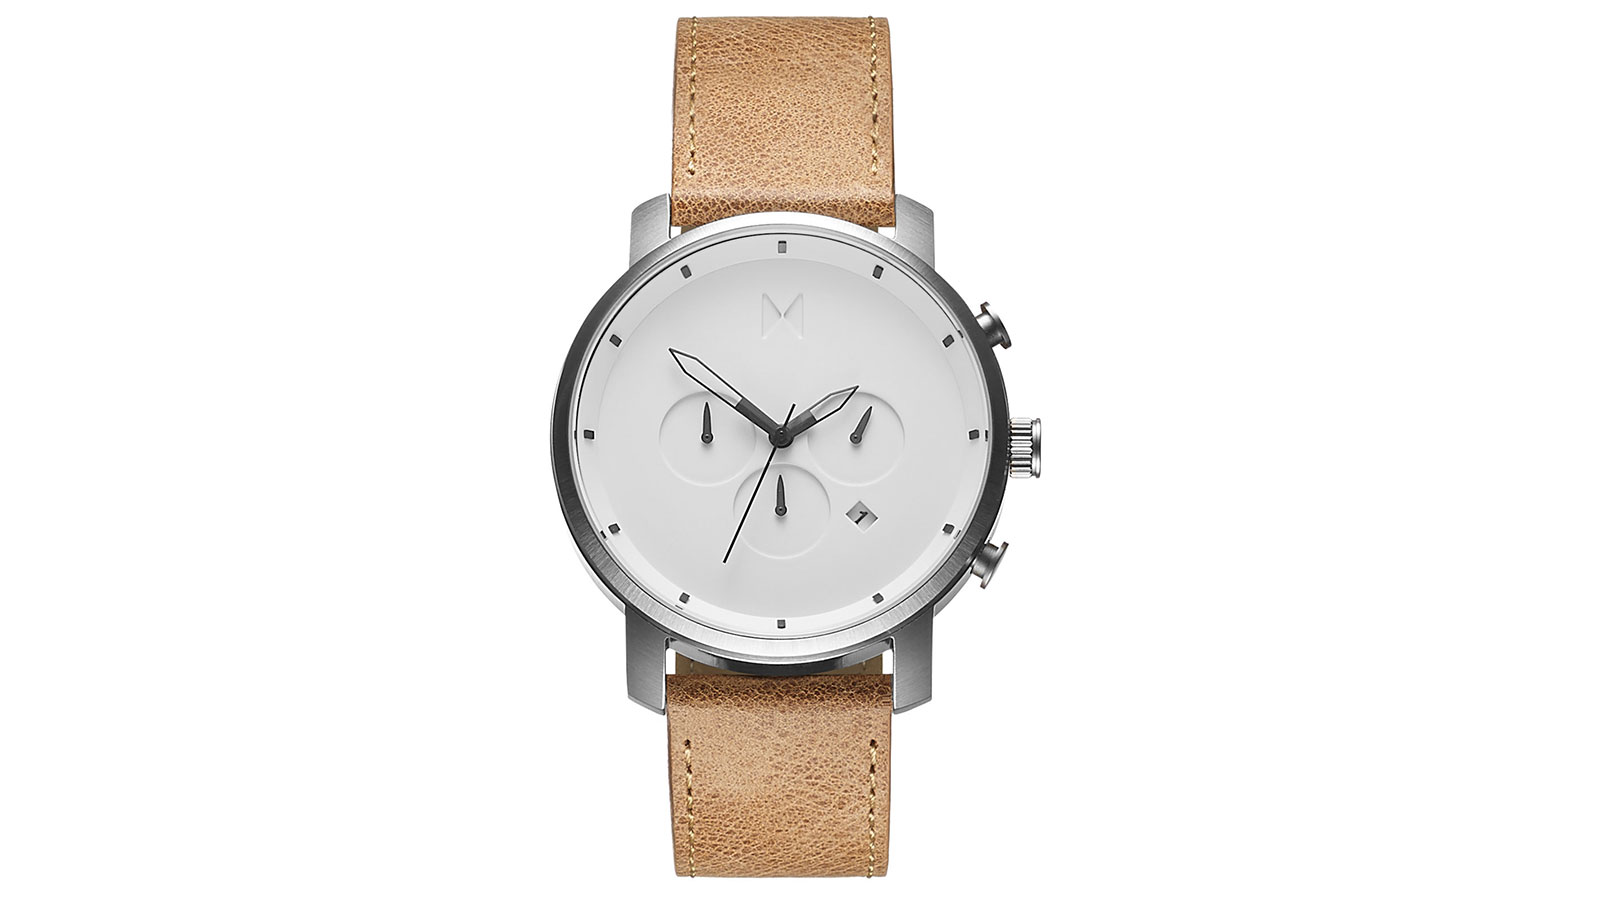 MVMT Chrono White Caramel Leather Watch   best men's watches under $300